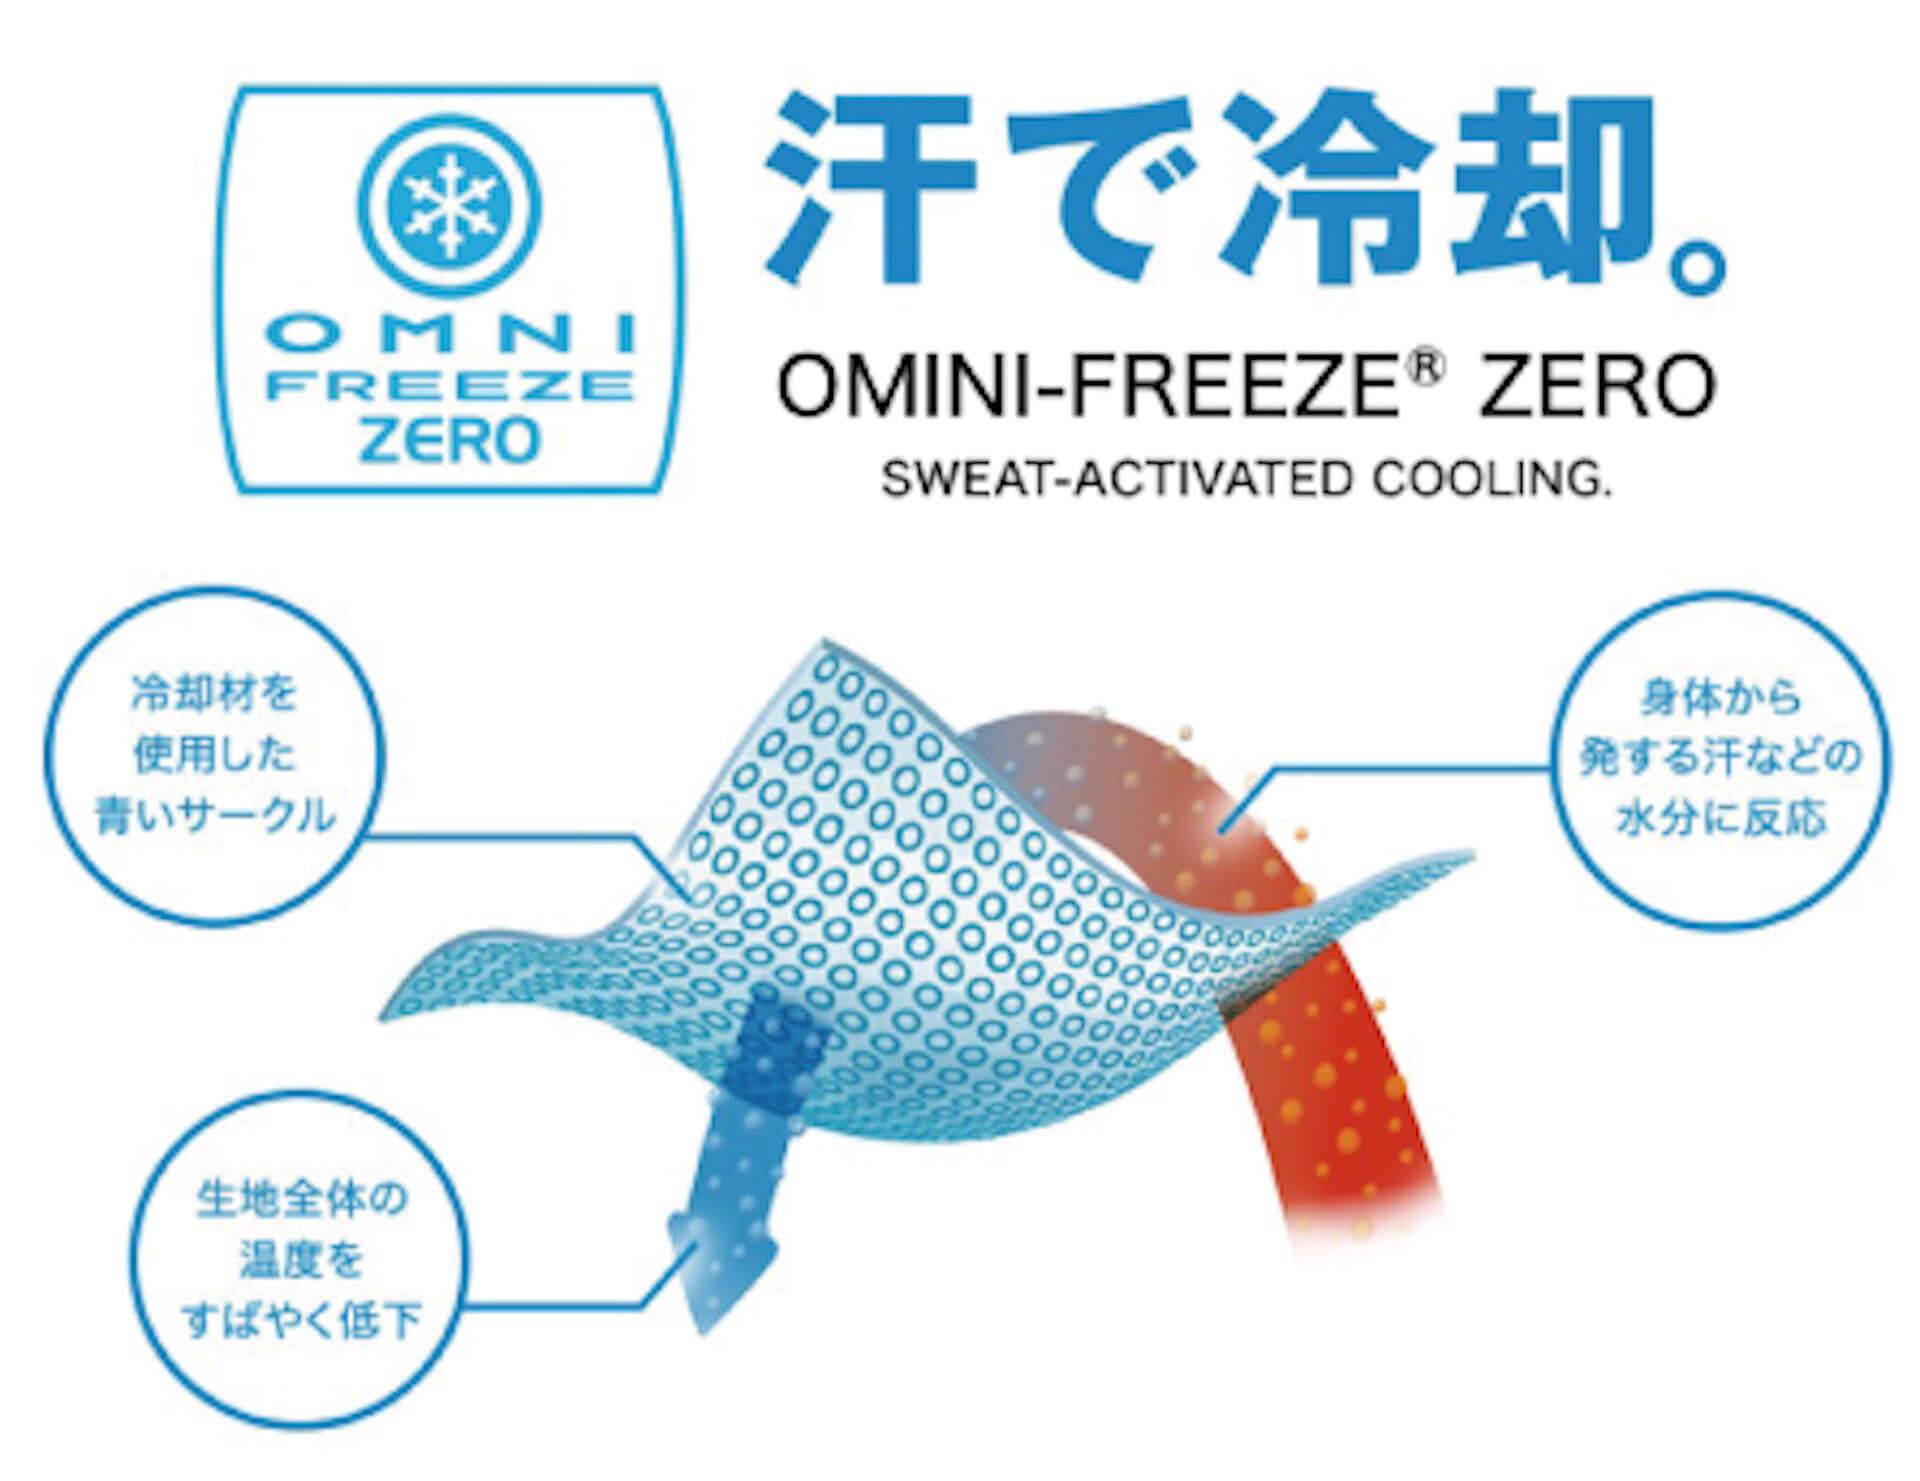 コロンビアとSHIPSのコラボTシャツが限定発売!冷却機能「オムニフリーズゼロ」を搭載した高機能モデル life210408_columbia_ships_8